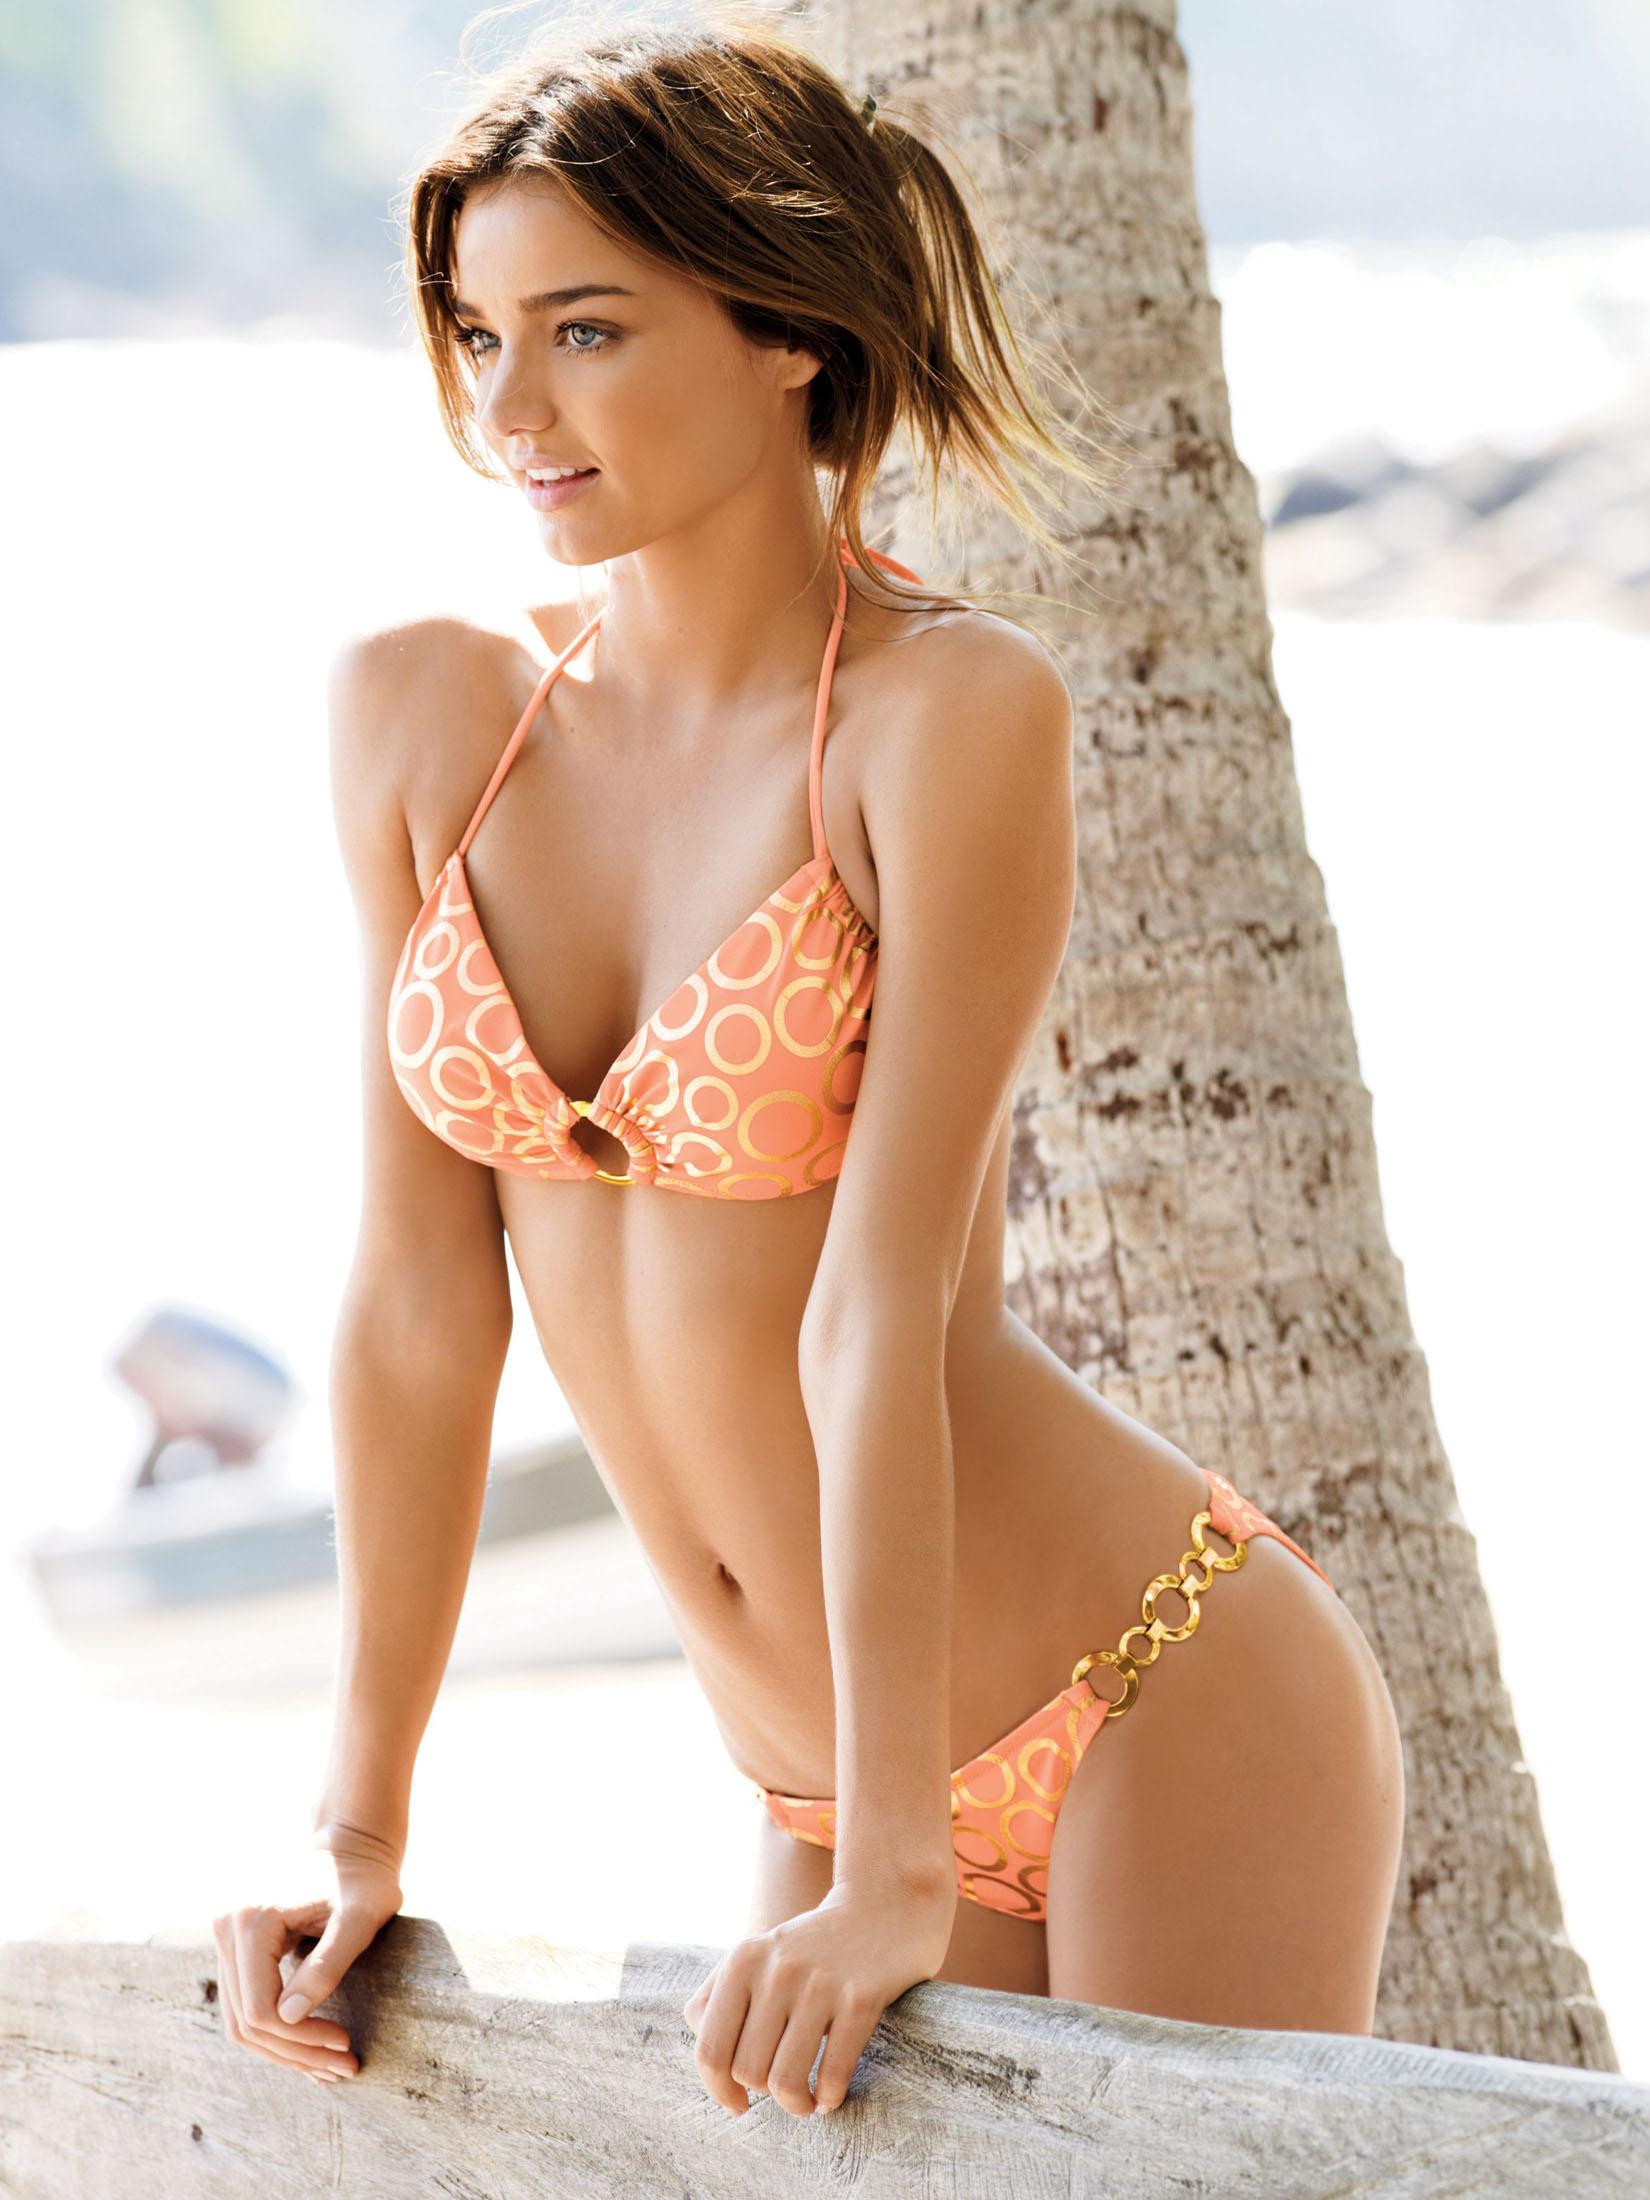 Mega hot girls, new porn actres nude photos